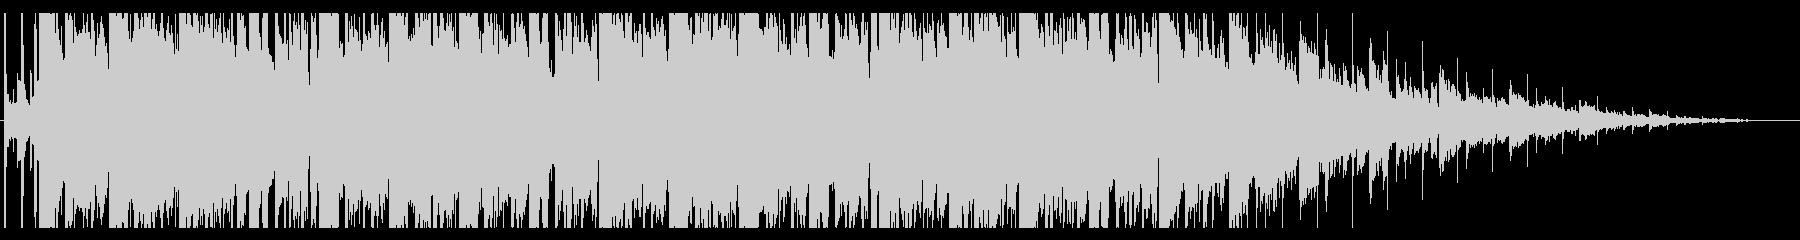 情緒的/R&B_No399_4の未再生の波形